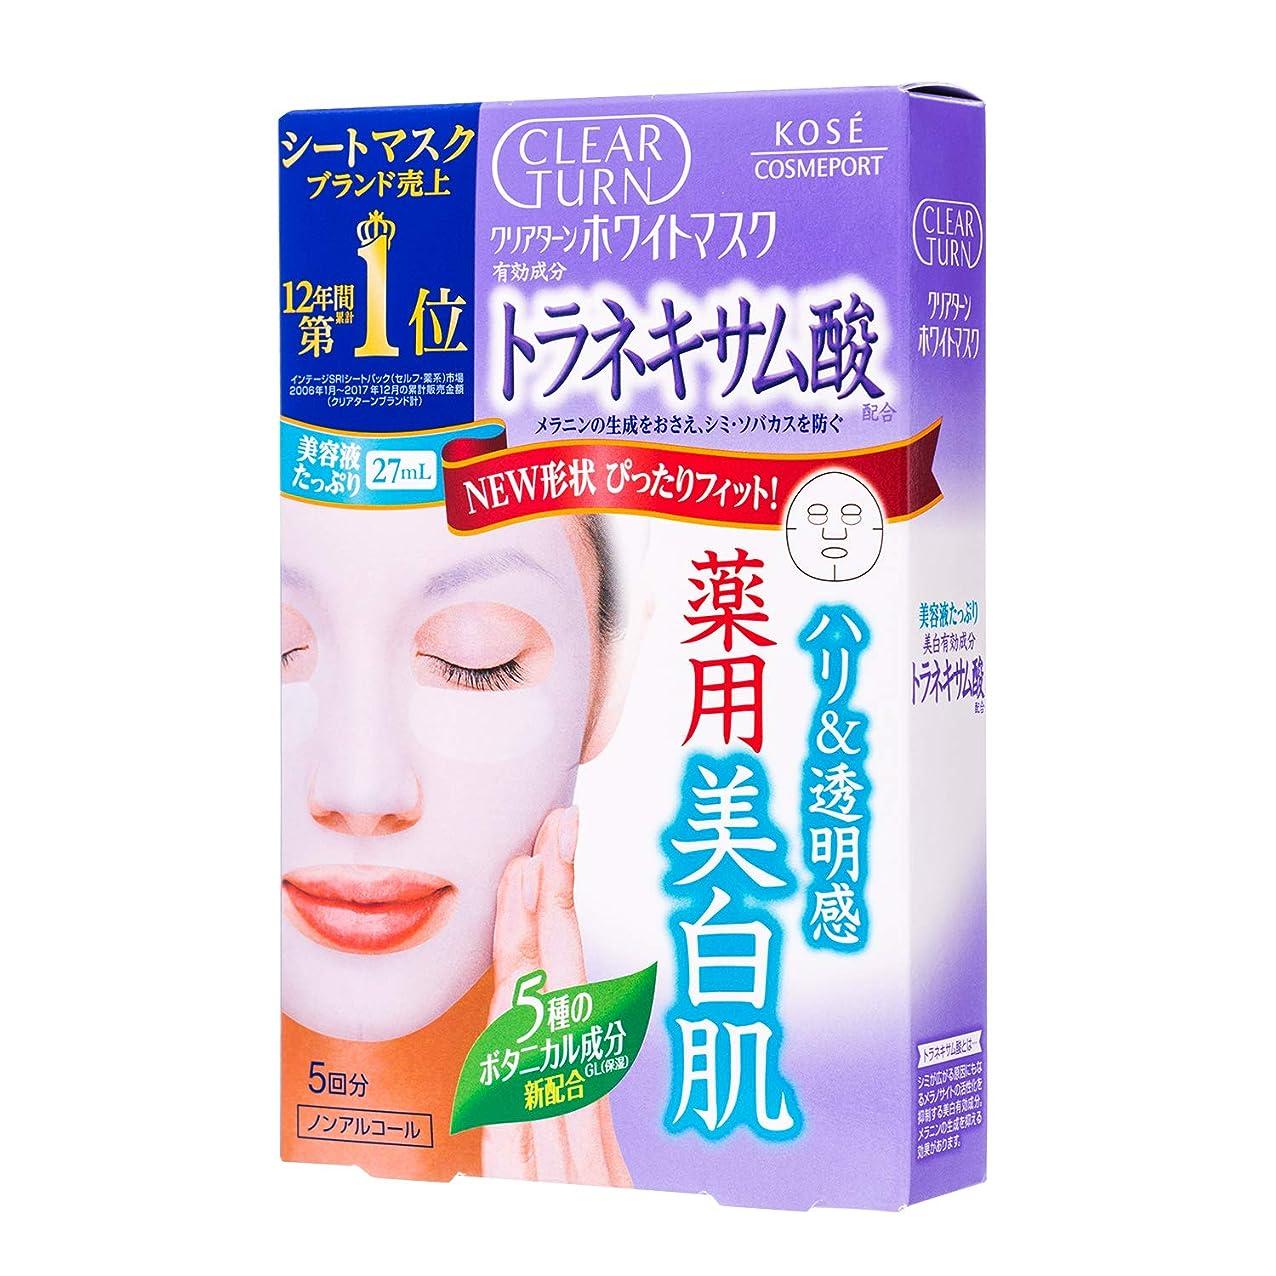 単にチャンス霧深いKOSE クリアターン ホワイト マスク トラネキサム酸 5回分 22mL×5 【医薬部外品】